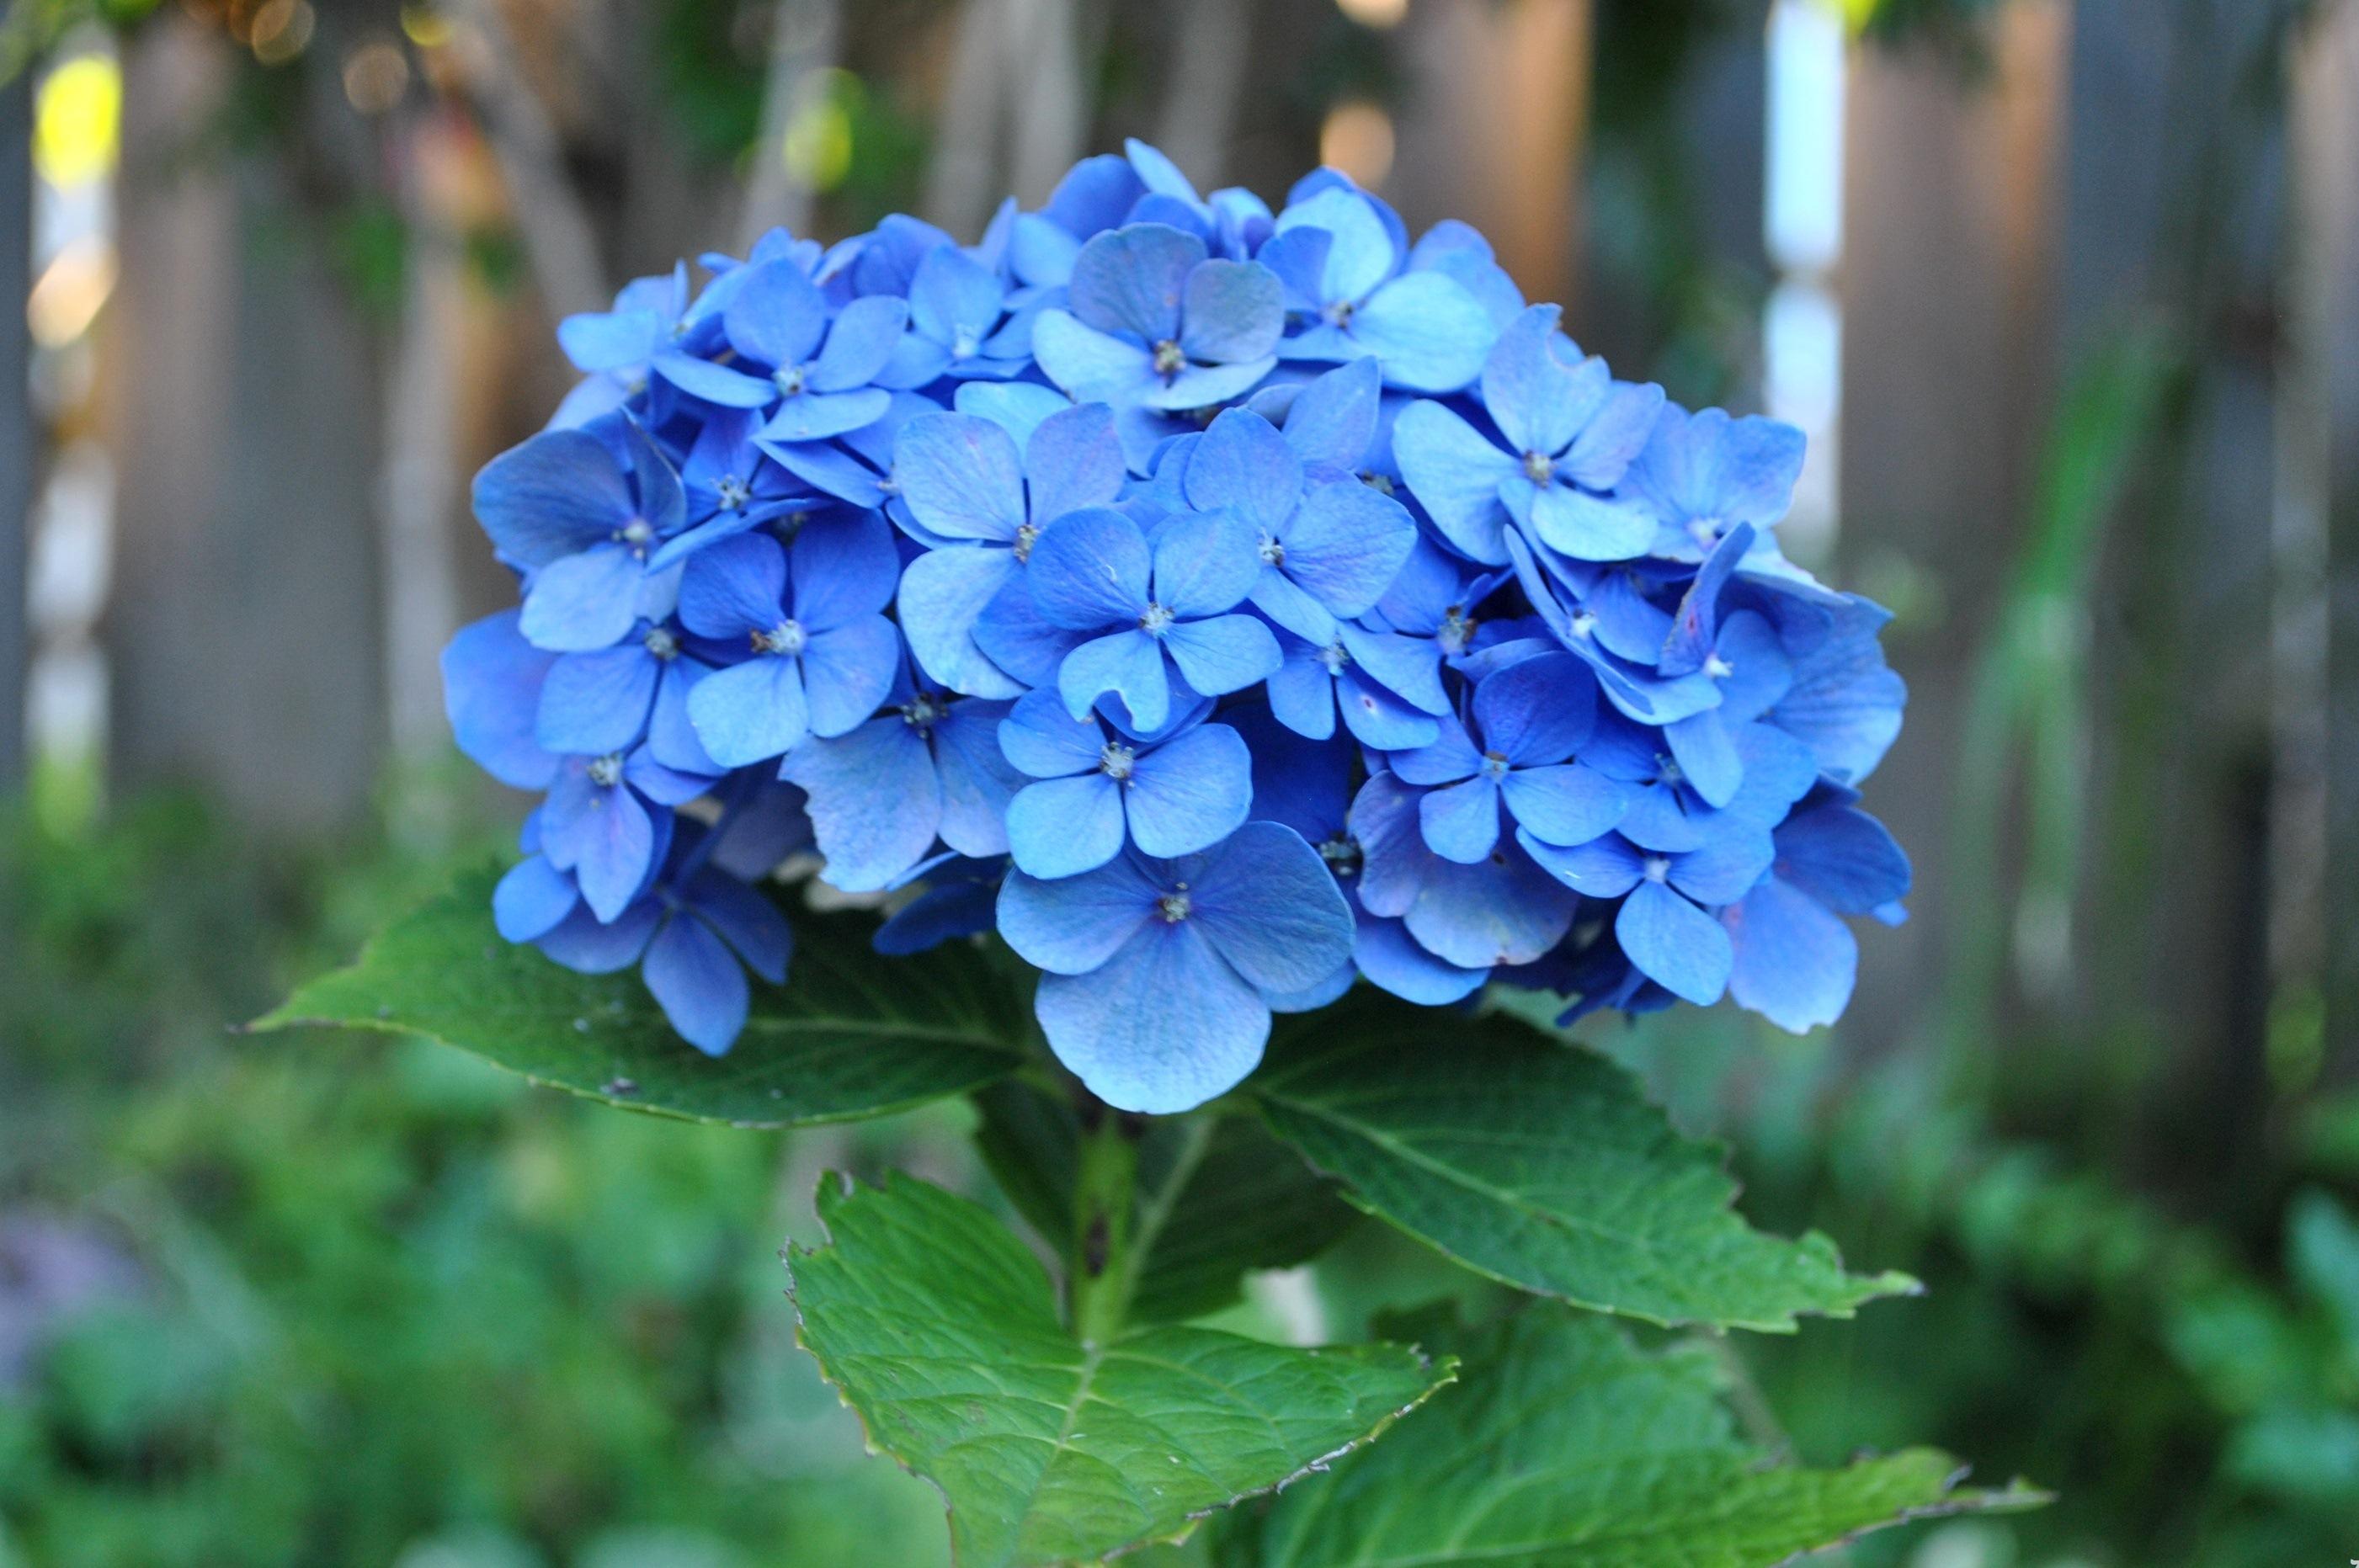 Hoa cẩm tú cầu tượng trưng ý nghĩa về hạnh phúc viên mãn